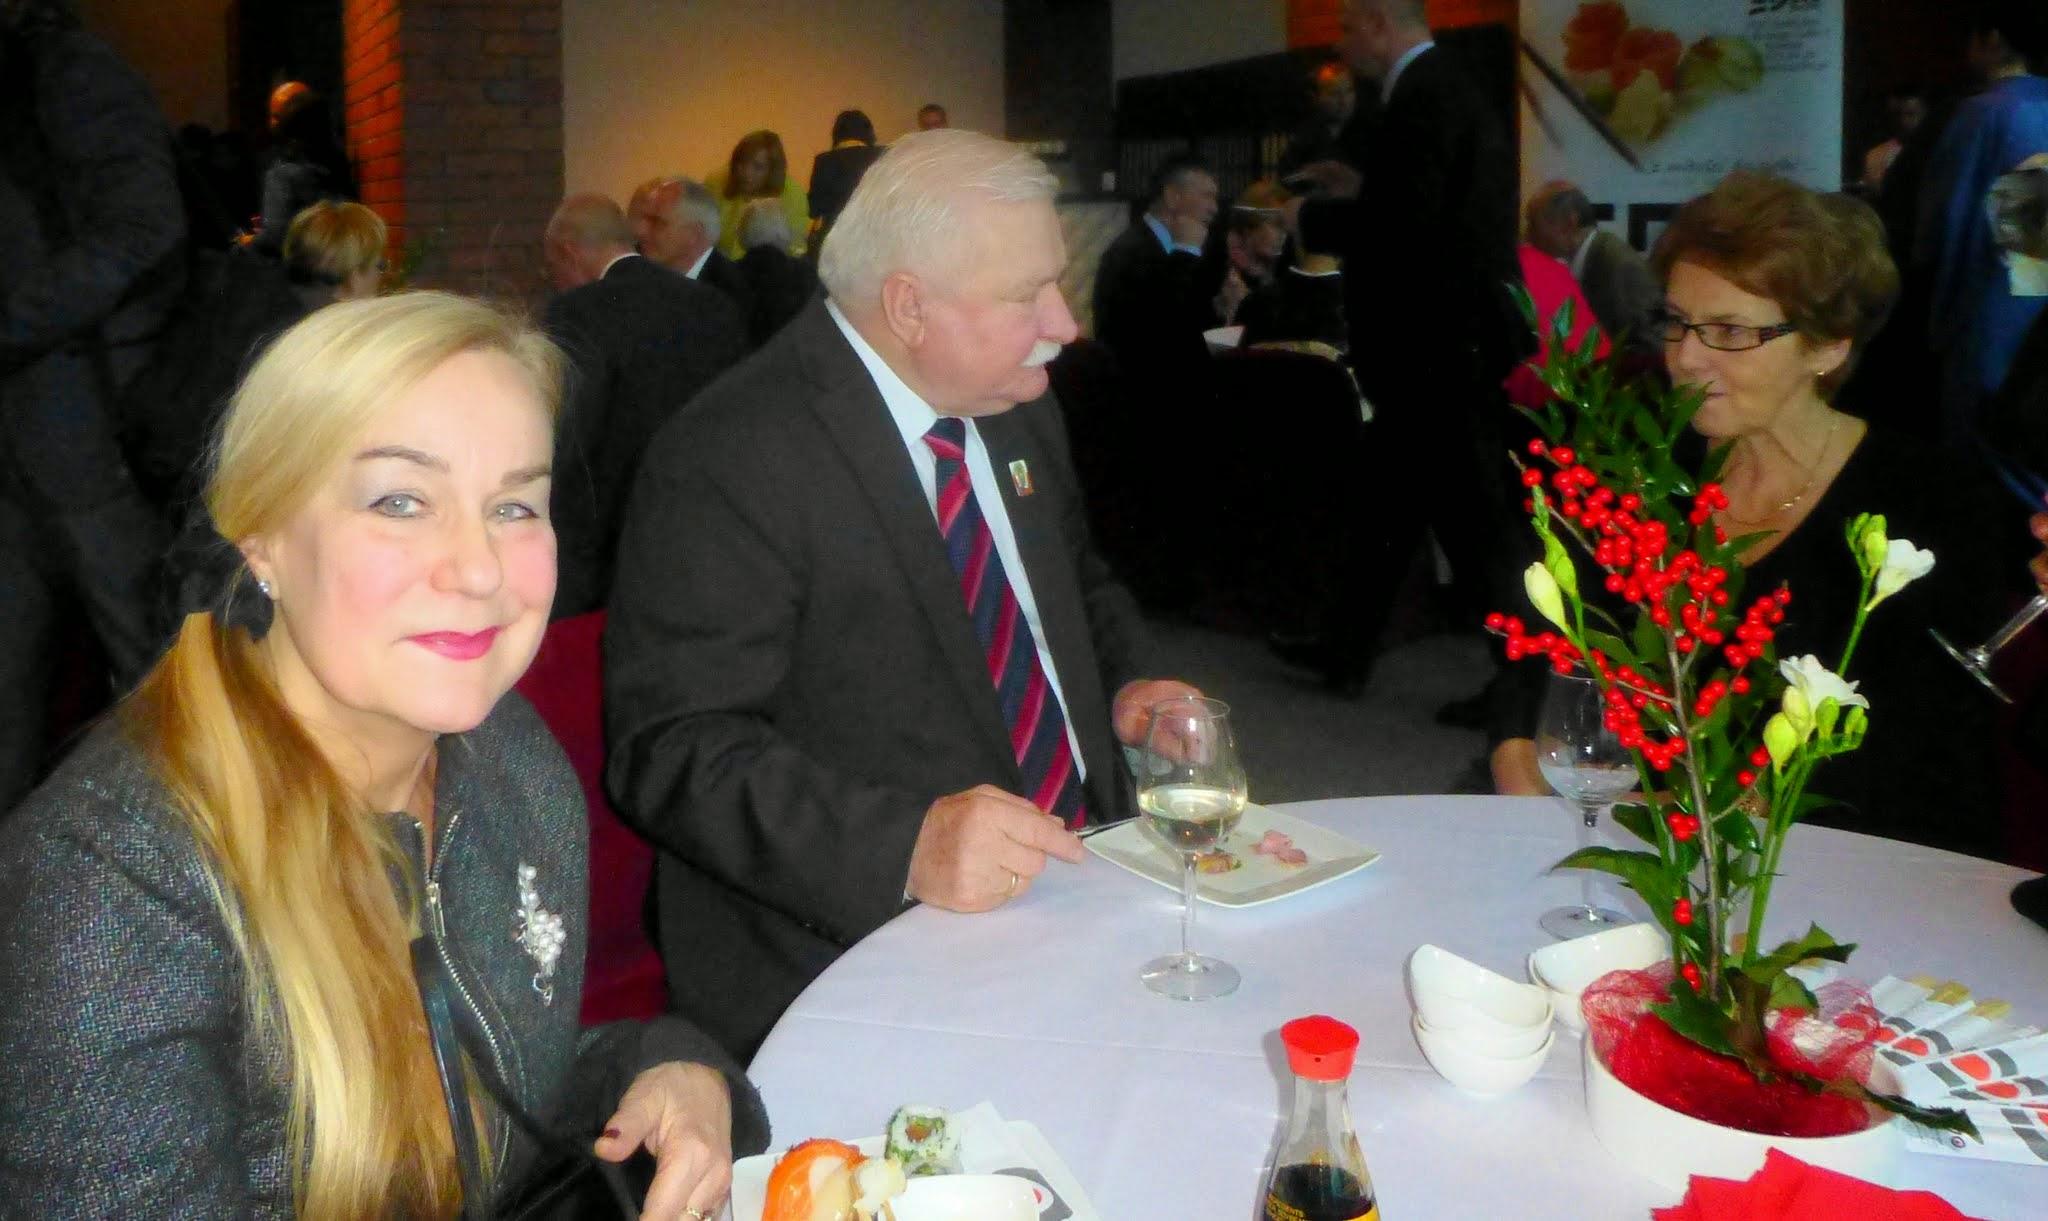 Photo: Prezydent Wałęsa z żoną Danutą. Każdy je to, co lubi: Pan Prezydent - polski schabik, ja - japońskie sushi.